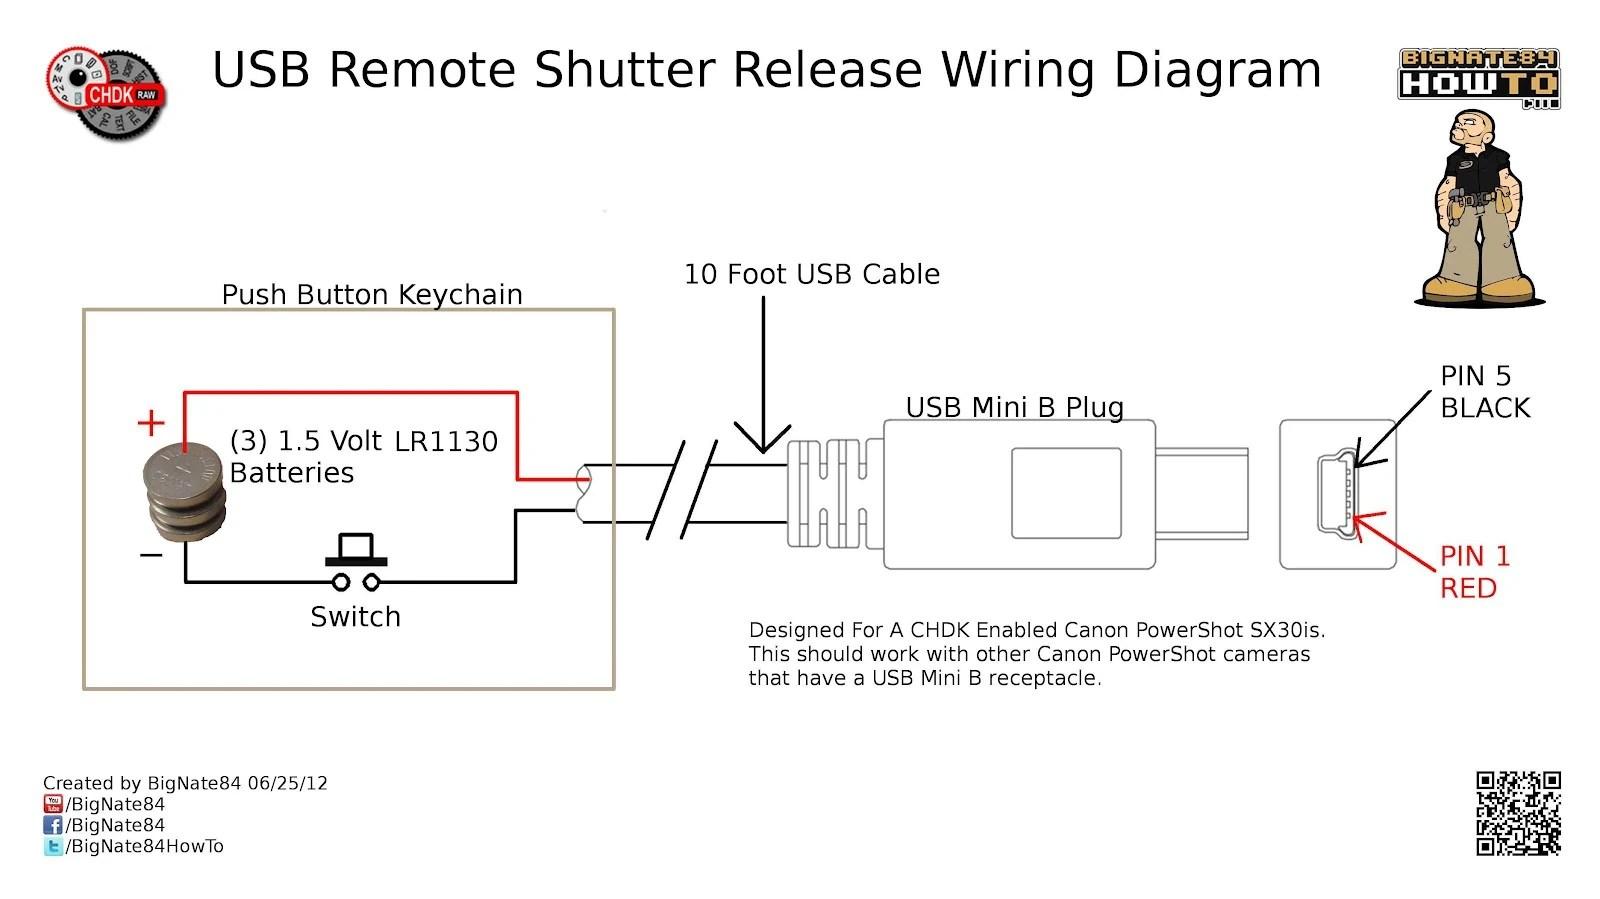 razor e150 wiring diagram wilkinson single coil pickup image 0001 usb remote shutter 3 chdk wiki